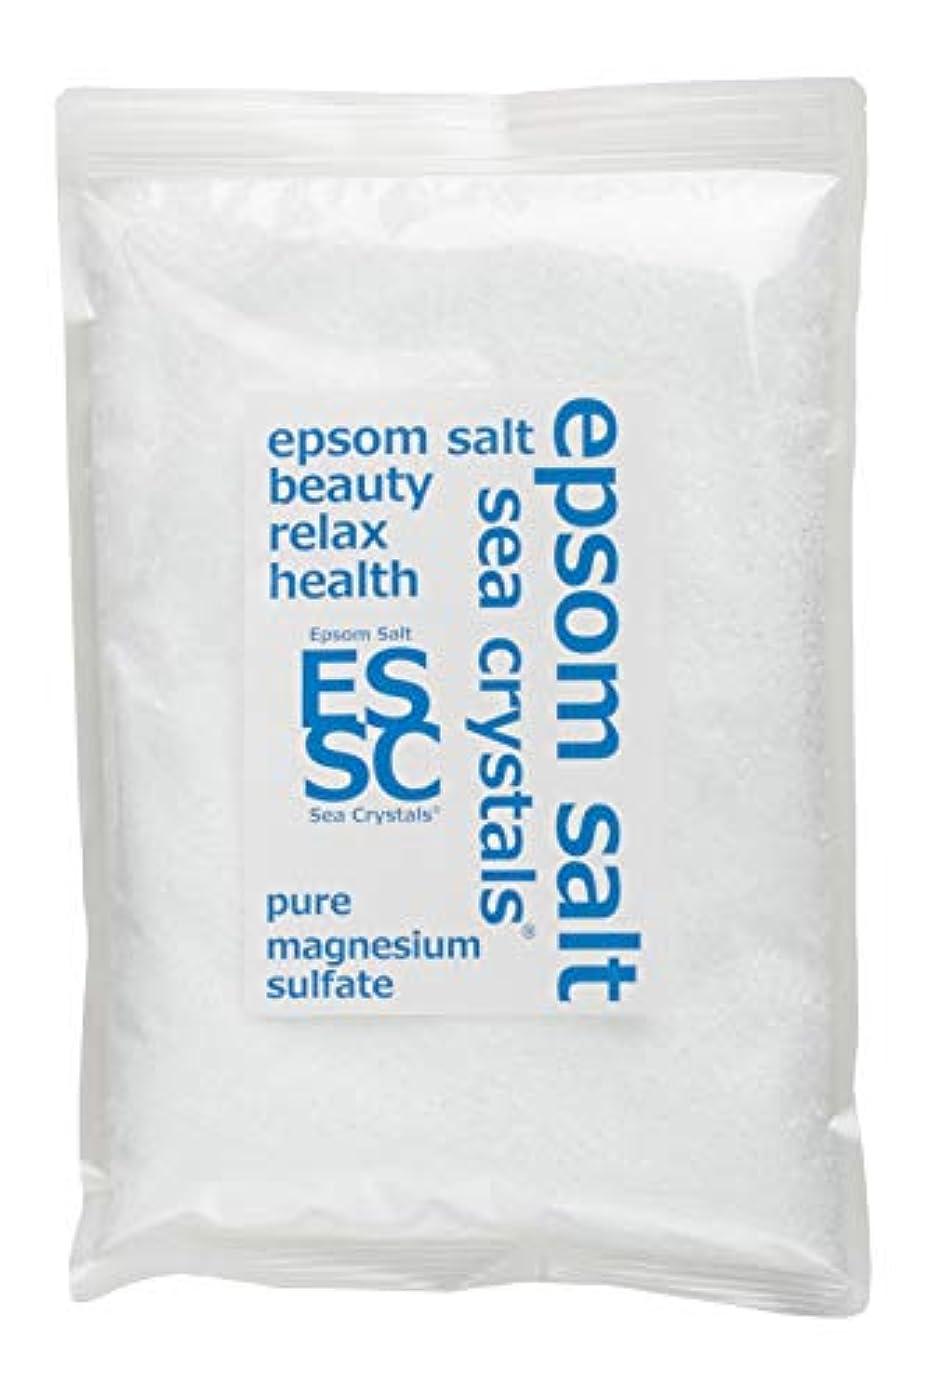 ソブリケットクレタ小間シークリスタルス 900g エプソムソルト 国産 入浴剤 約6回分 無香料 お試しサイズ